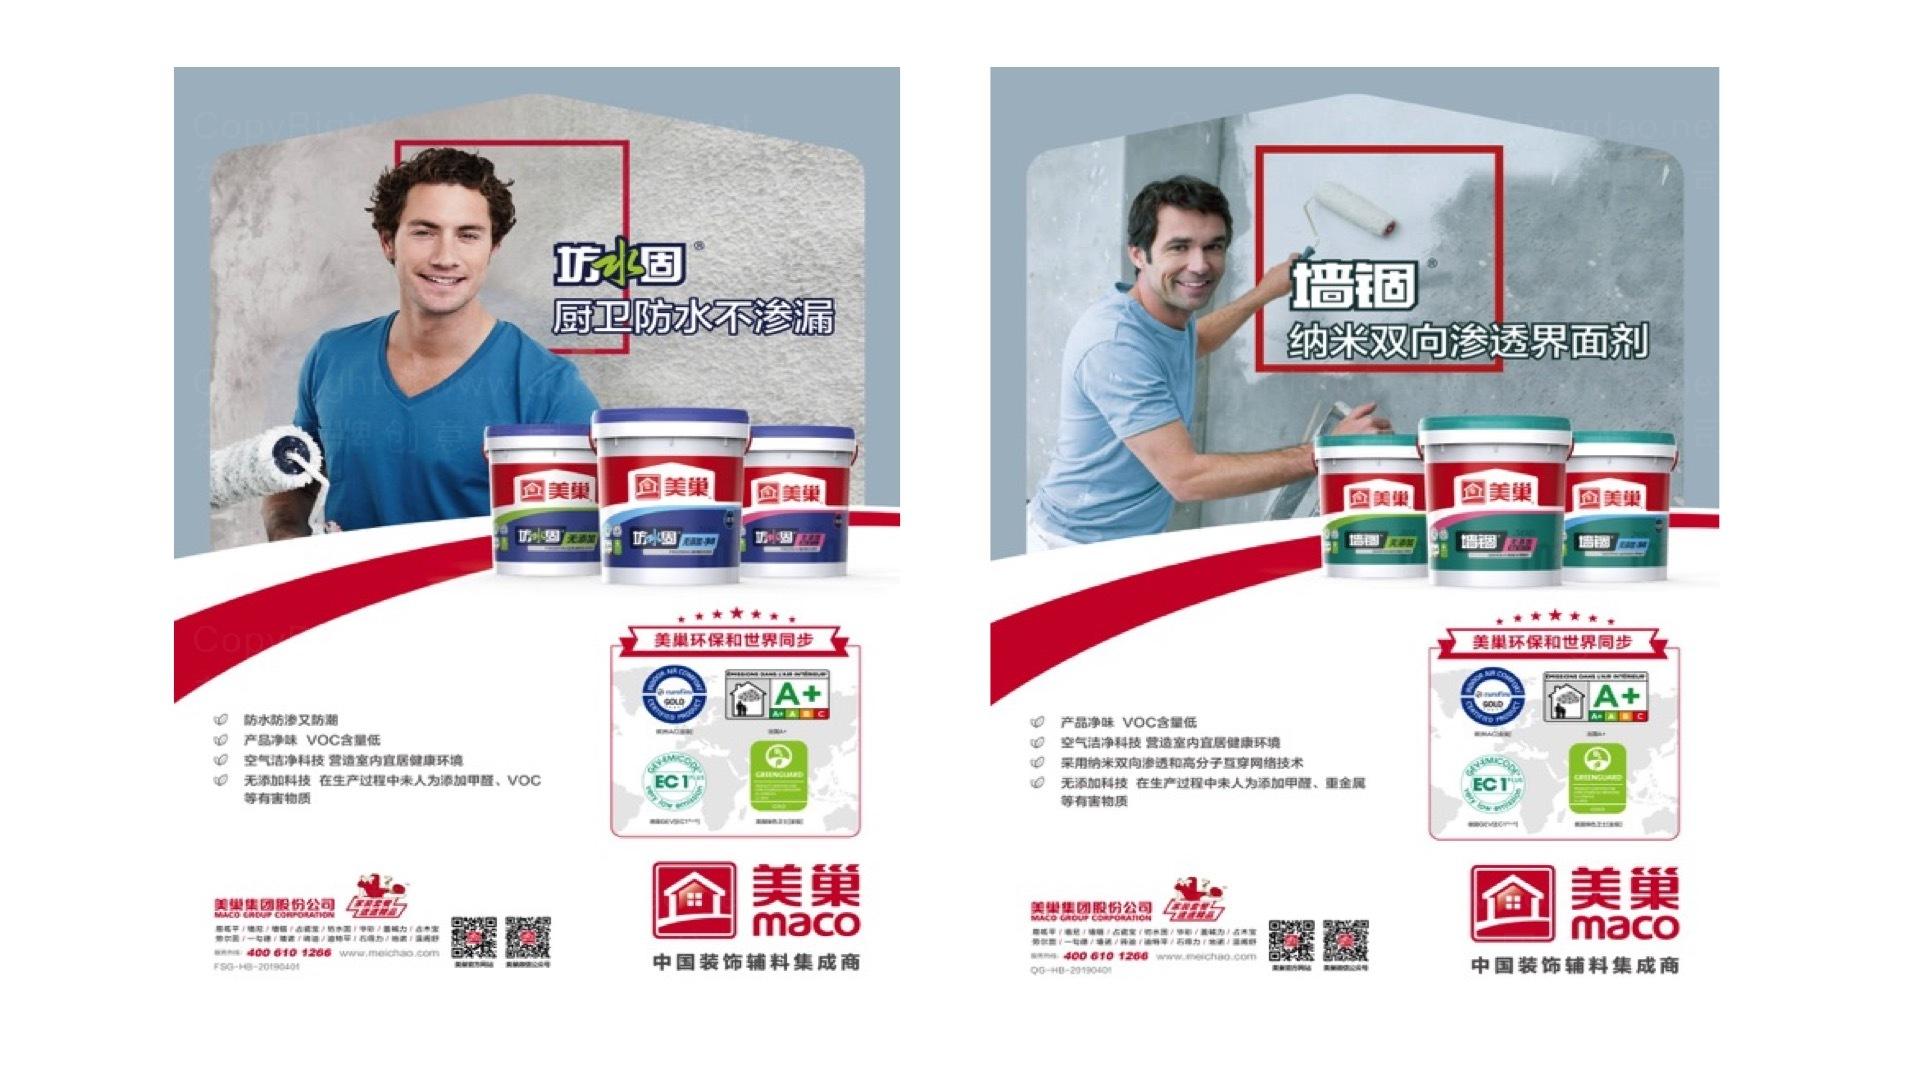 品牌战略&企业文化美巢品牌战略与包装体系设计应用场景_6